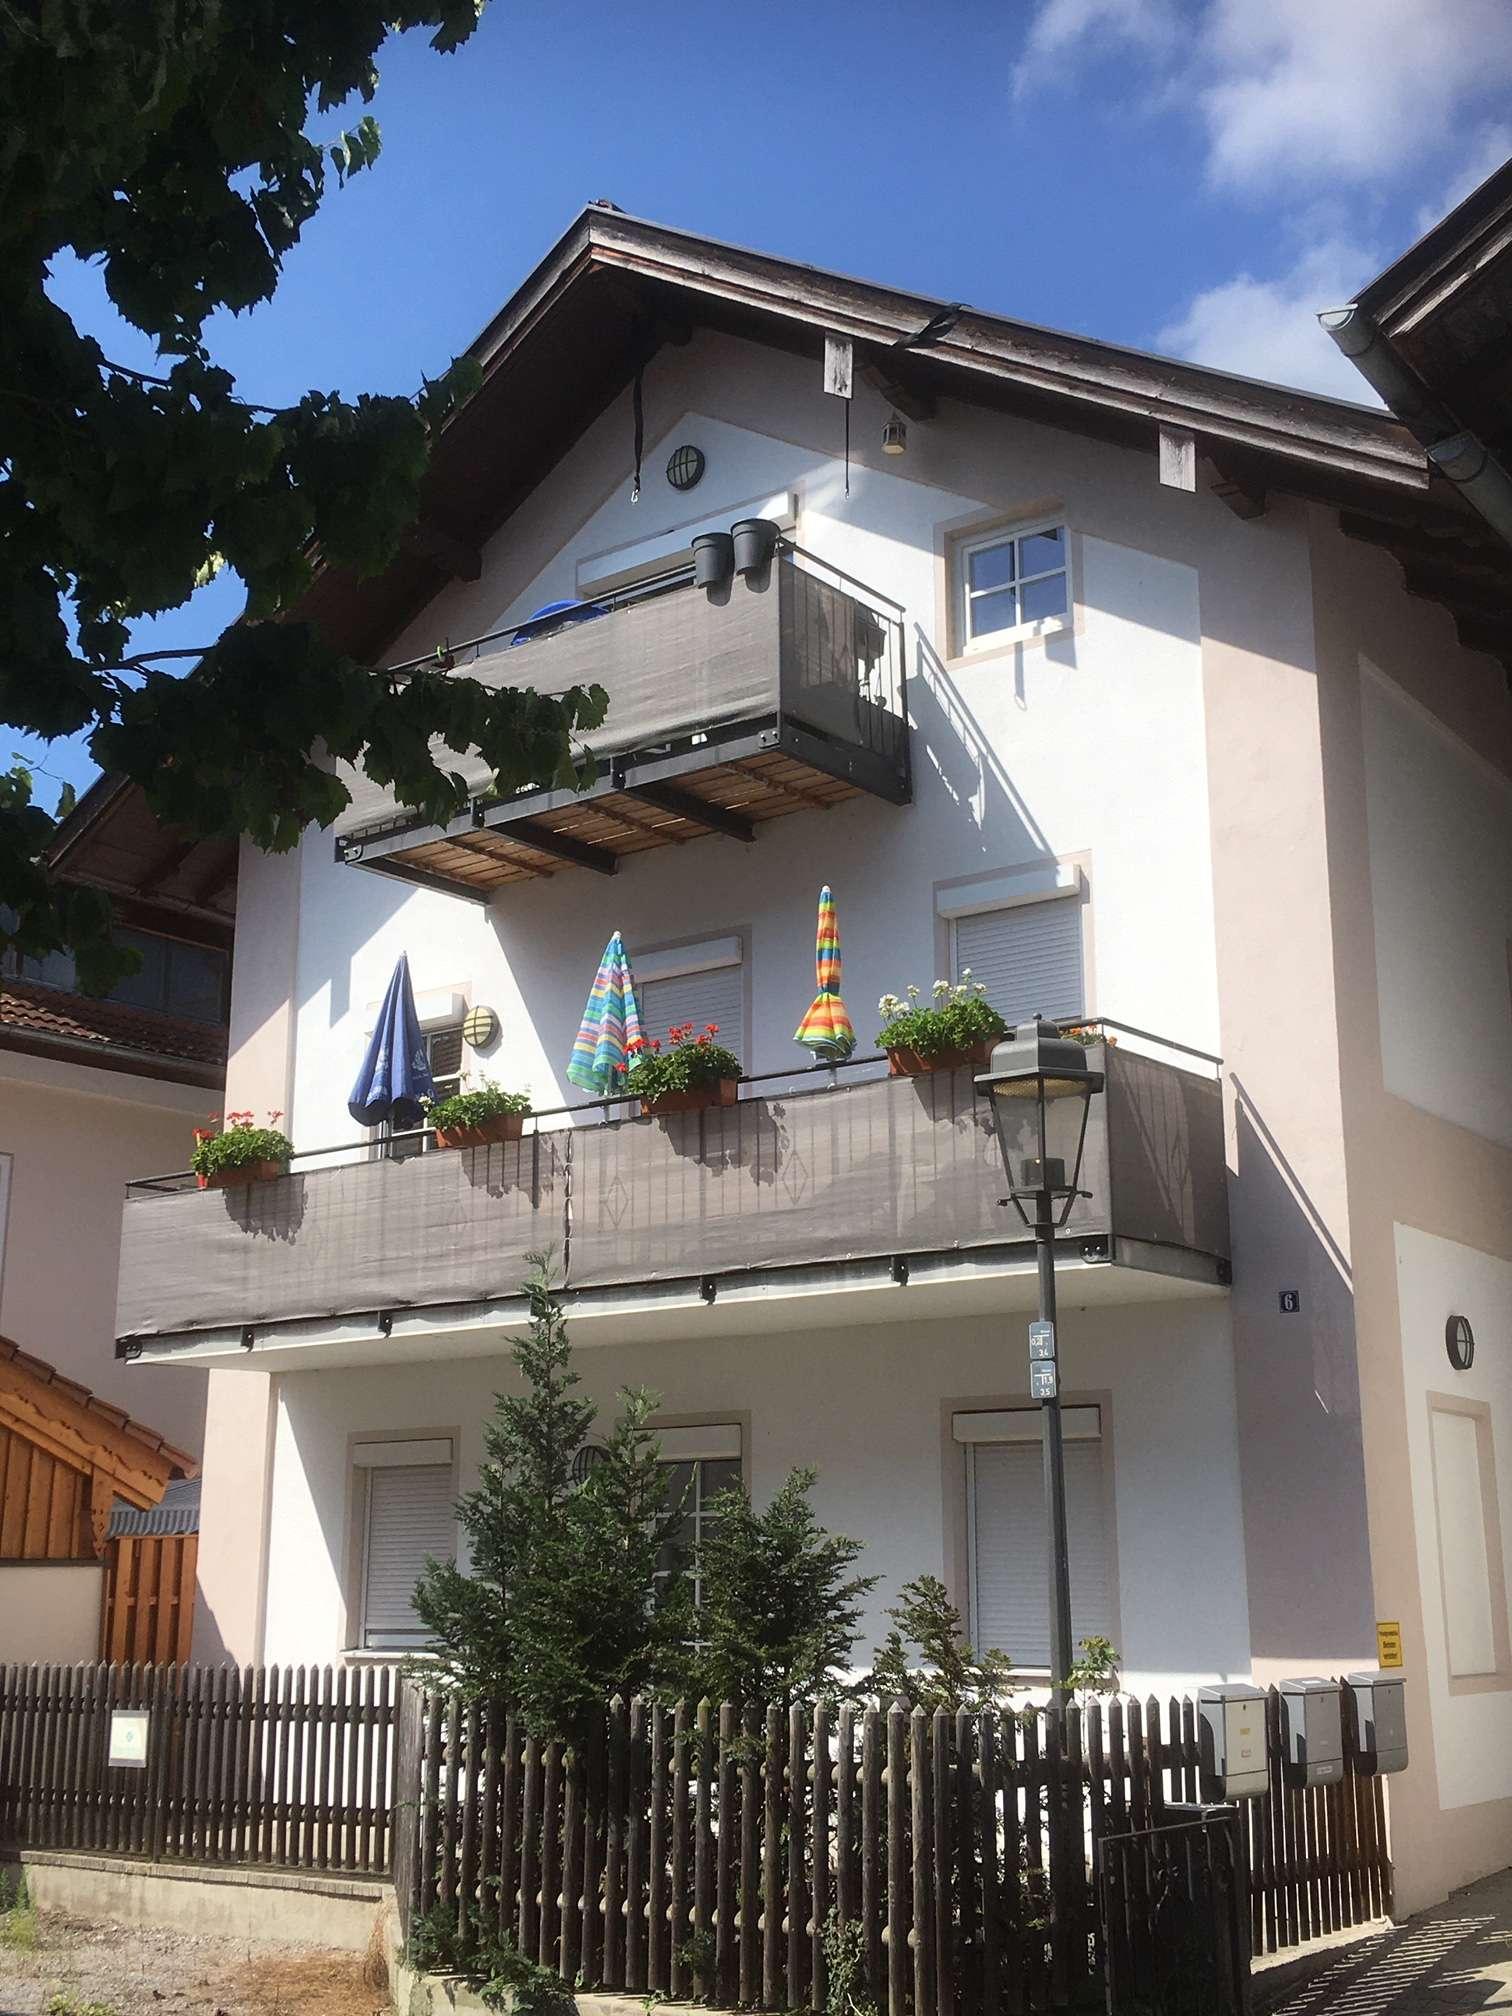 Schöne ruhig gelegene Dachgeschoßwohnung in zentraler Lage in